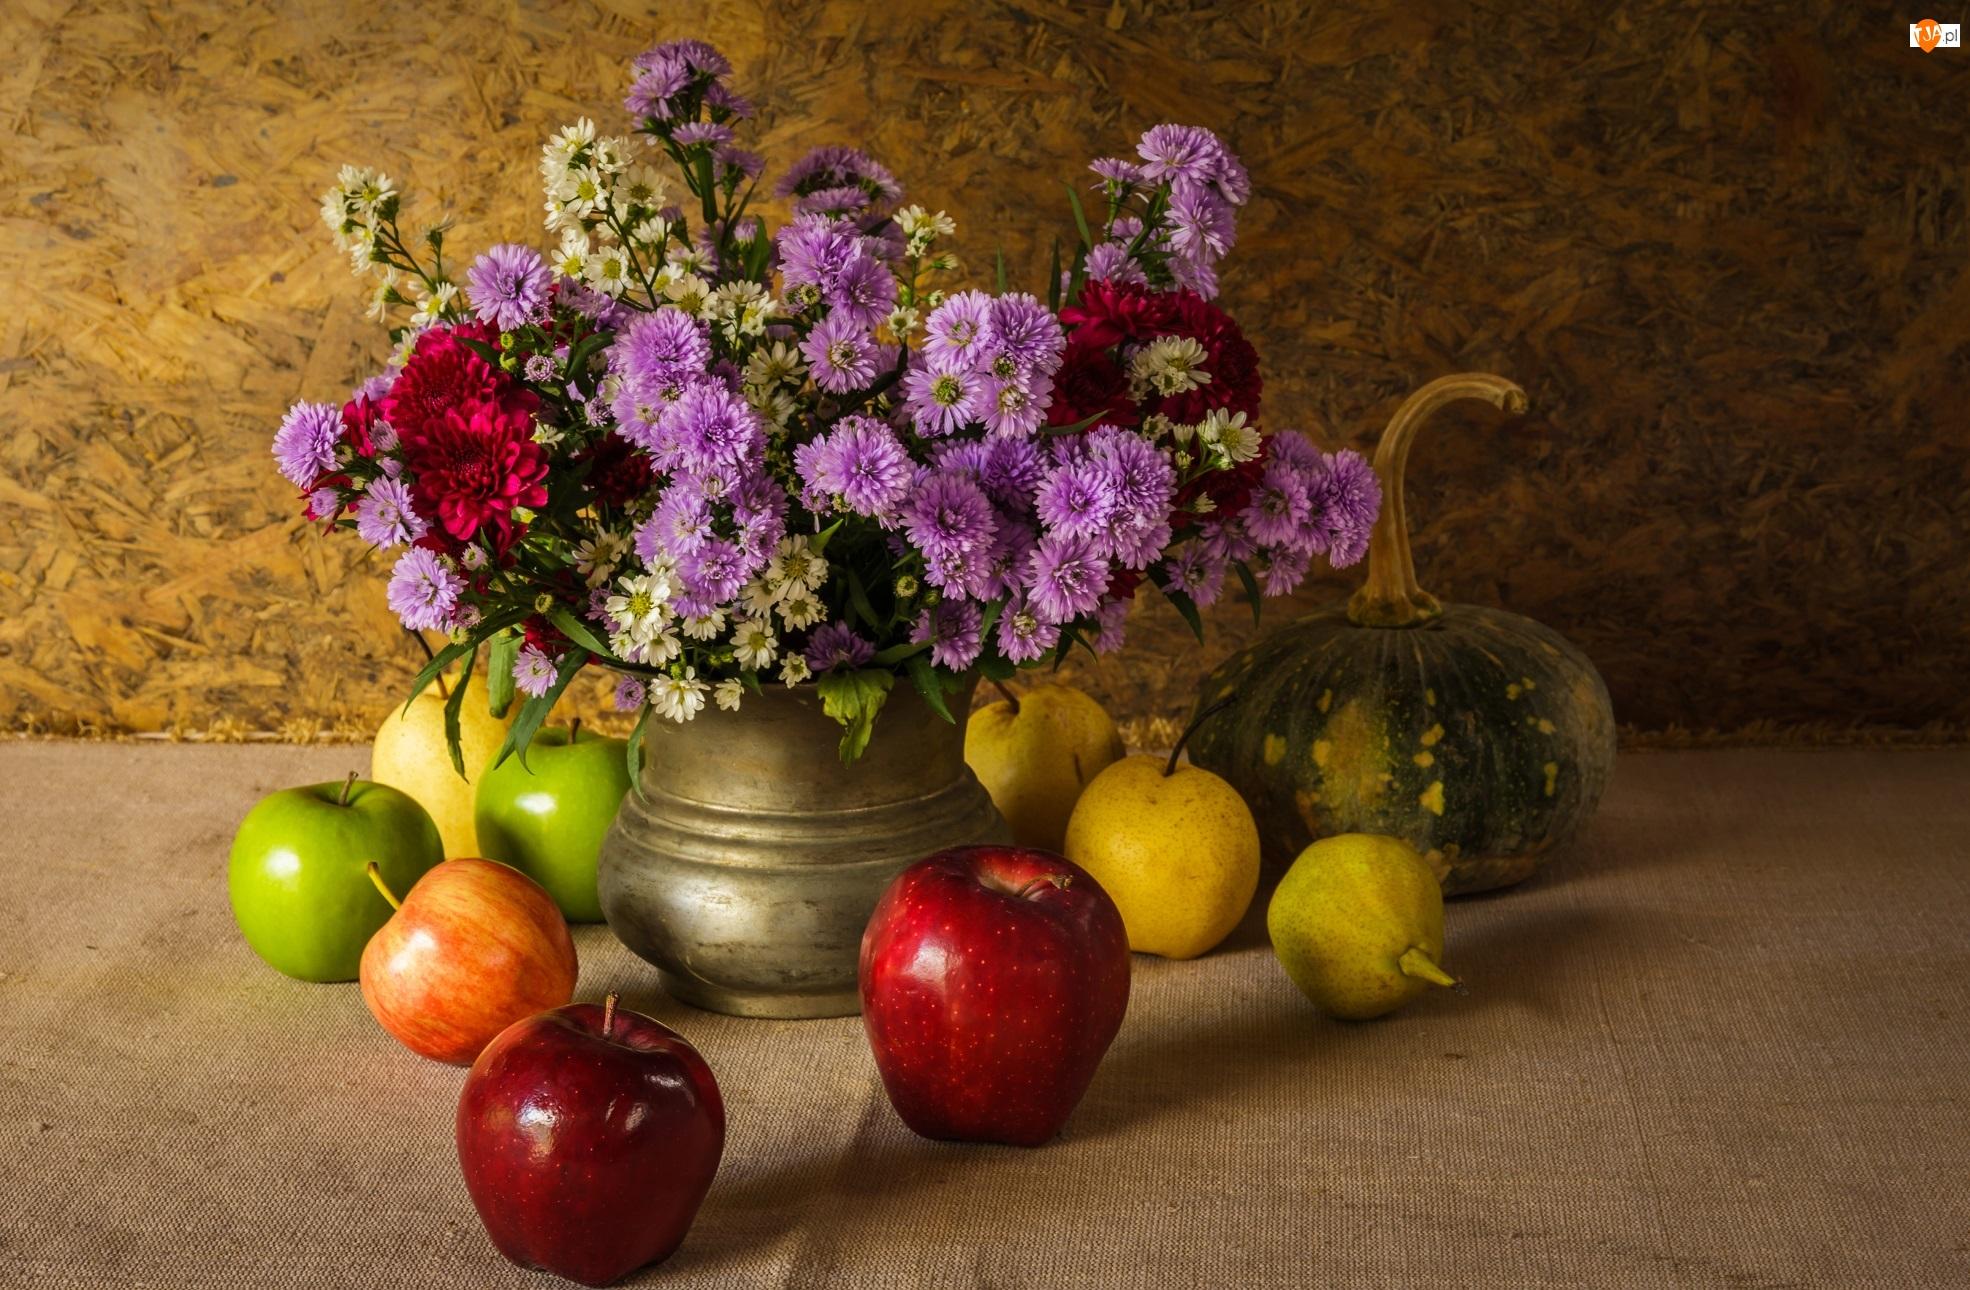 Dynia, Wazon, Gruszki, Owoce, Jabłka, Bukiet, Kwiaty, Kompozycja, Astry marcinki